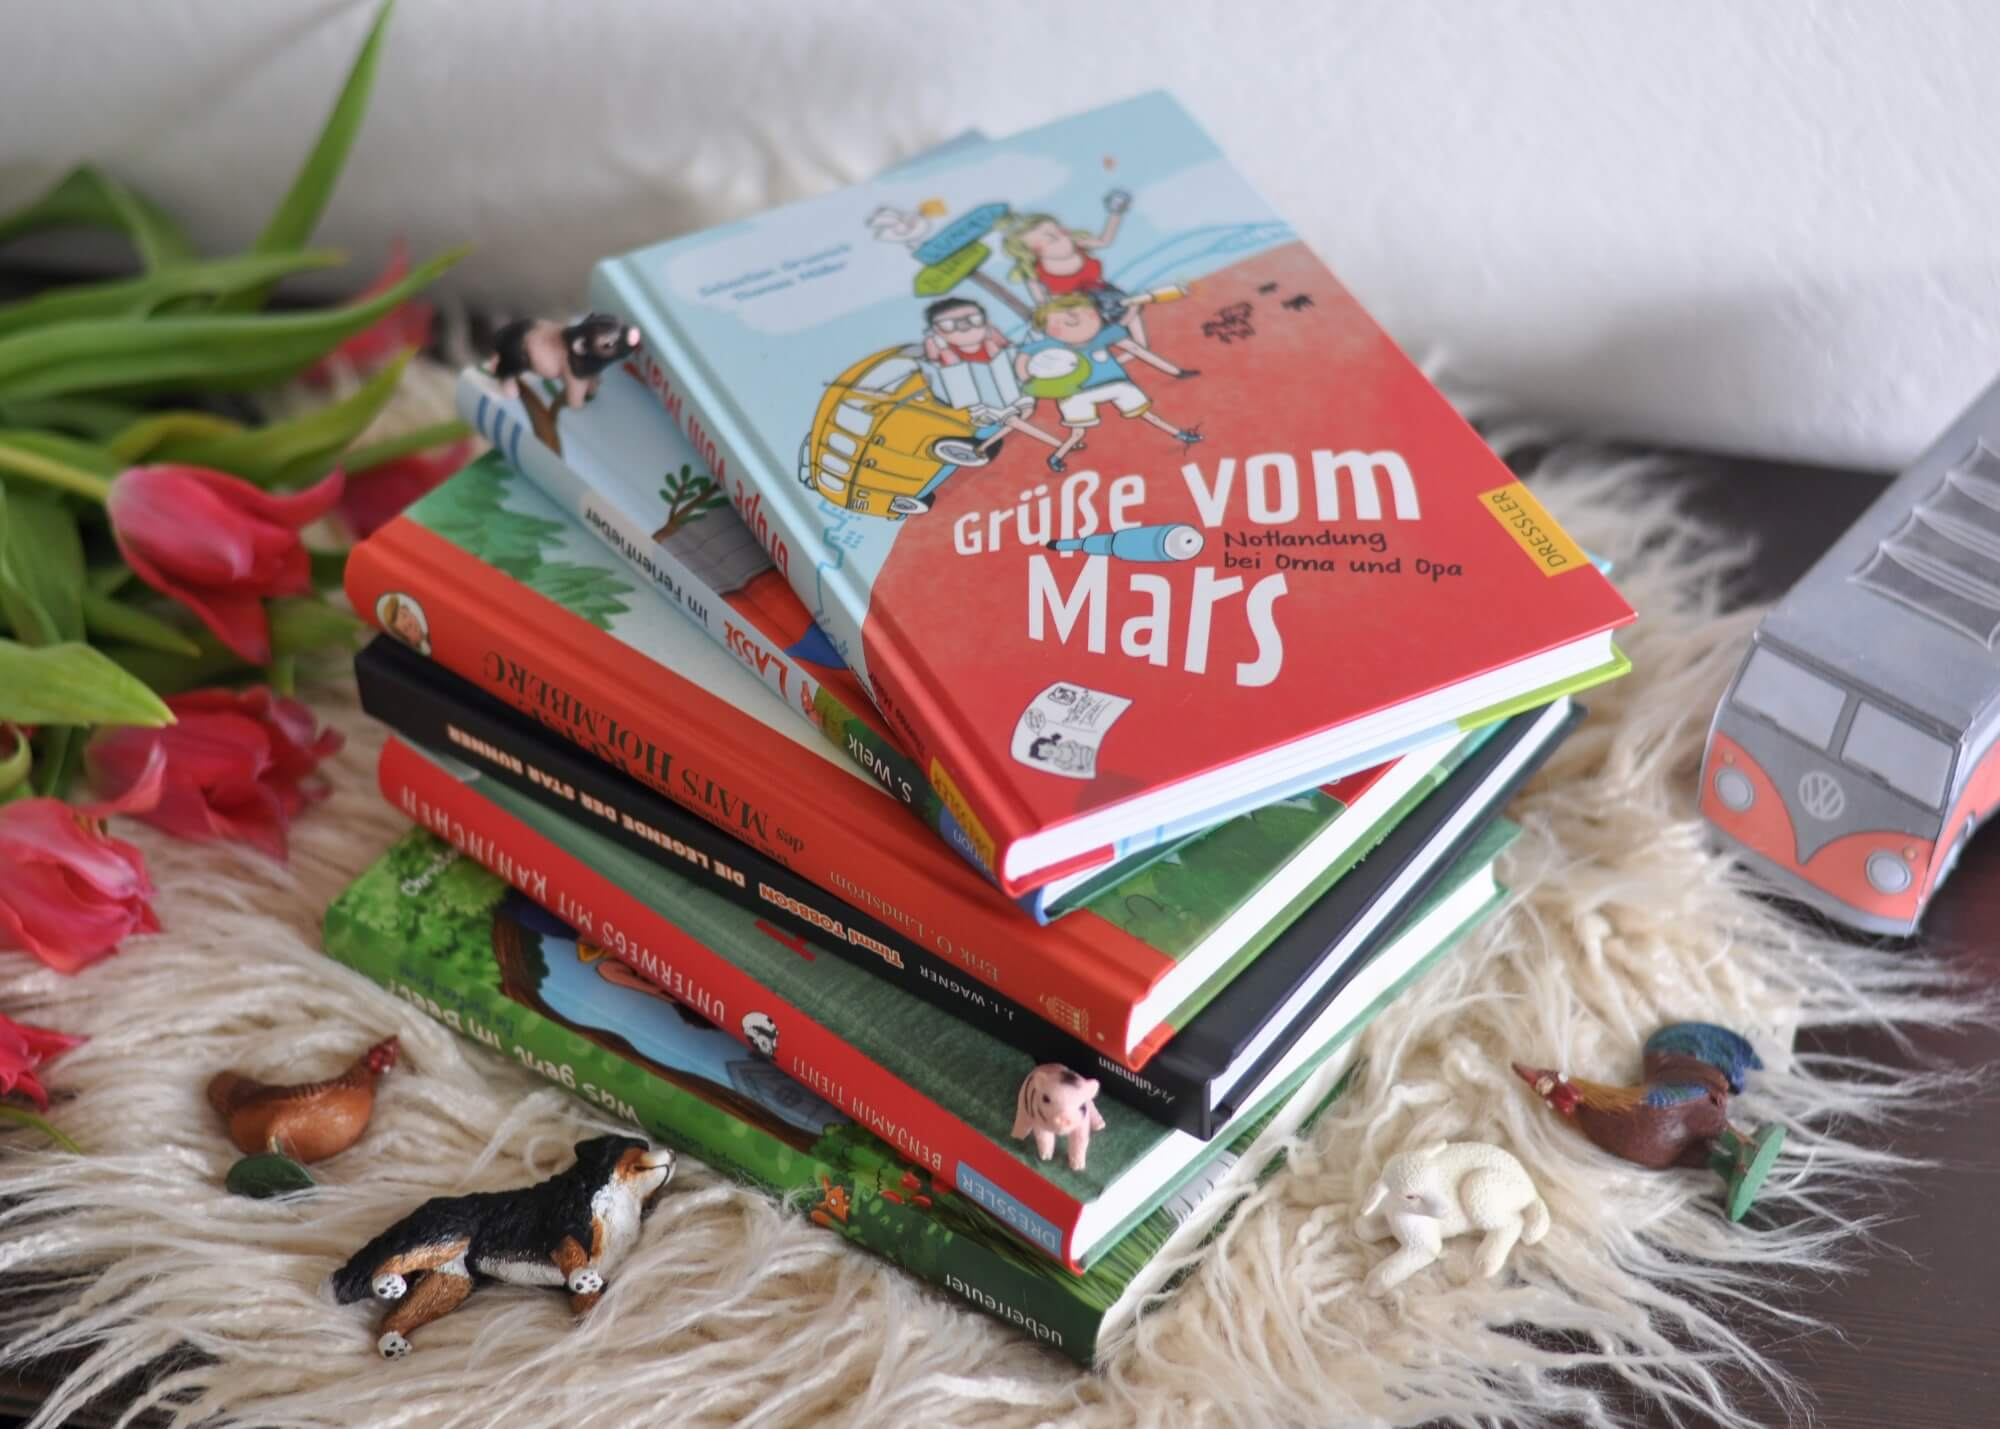 Egal ob ihr an den Strand oder in die Berge fahrt - oder sogar daheim bleibt: Lesen geht immer. Ich habe euch die besten Ferienbücher für Kinder von 6 bis 12 Jahren zusammengestellt. Vom Garten-Krimi bis zur Weltraum-Expedition warten spannende Bücher zum selbst lesen oder vorlesen auf euch. #bücher #kinder #ferien #sommer #krimi #spannung #roadtrip #lesen #abenteuer #urlaub